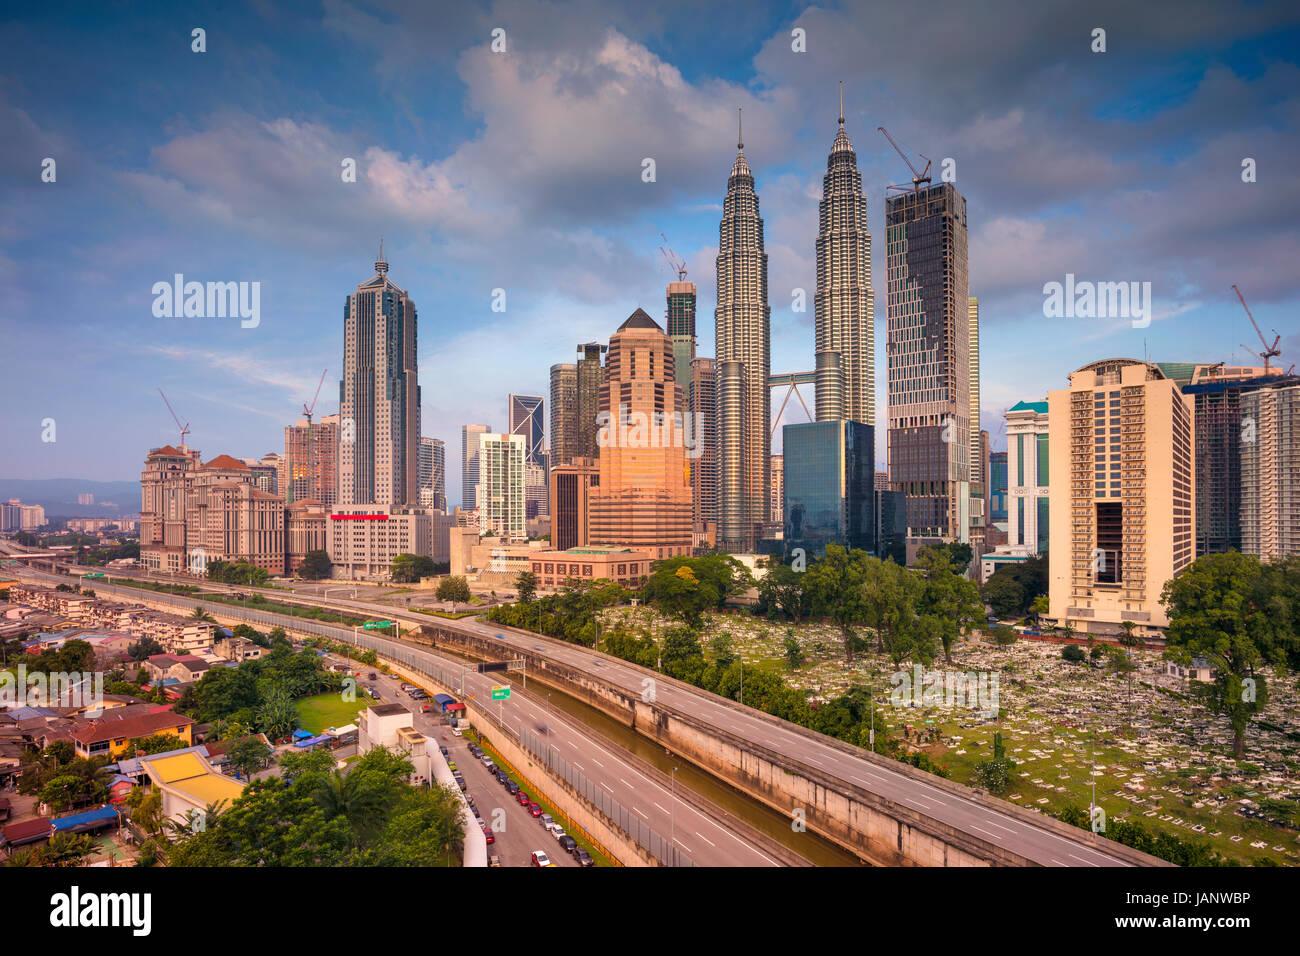 Kuala Lumpur. Cityscape image of Kuala Lumpur, Malaysia during day. - Stock Image